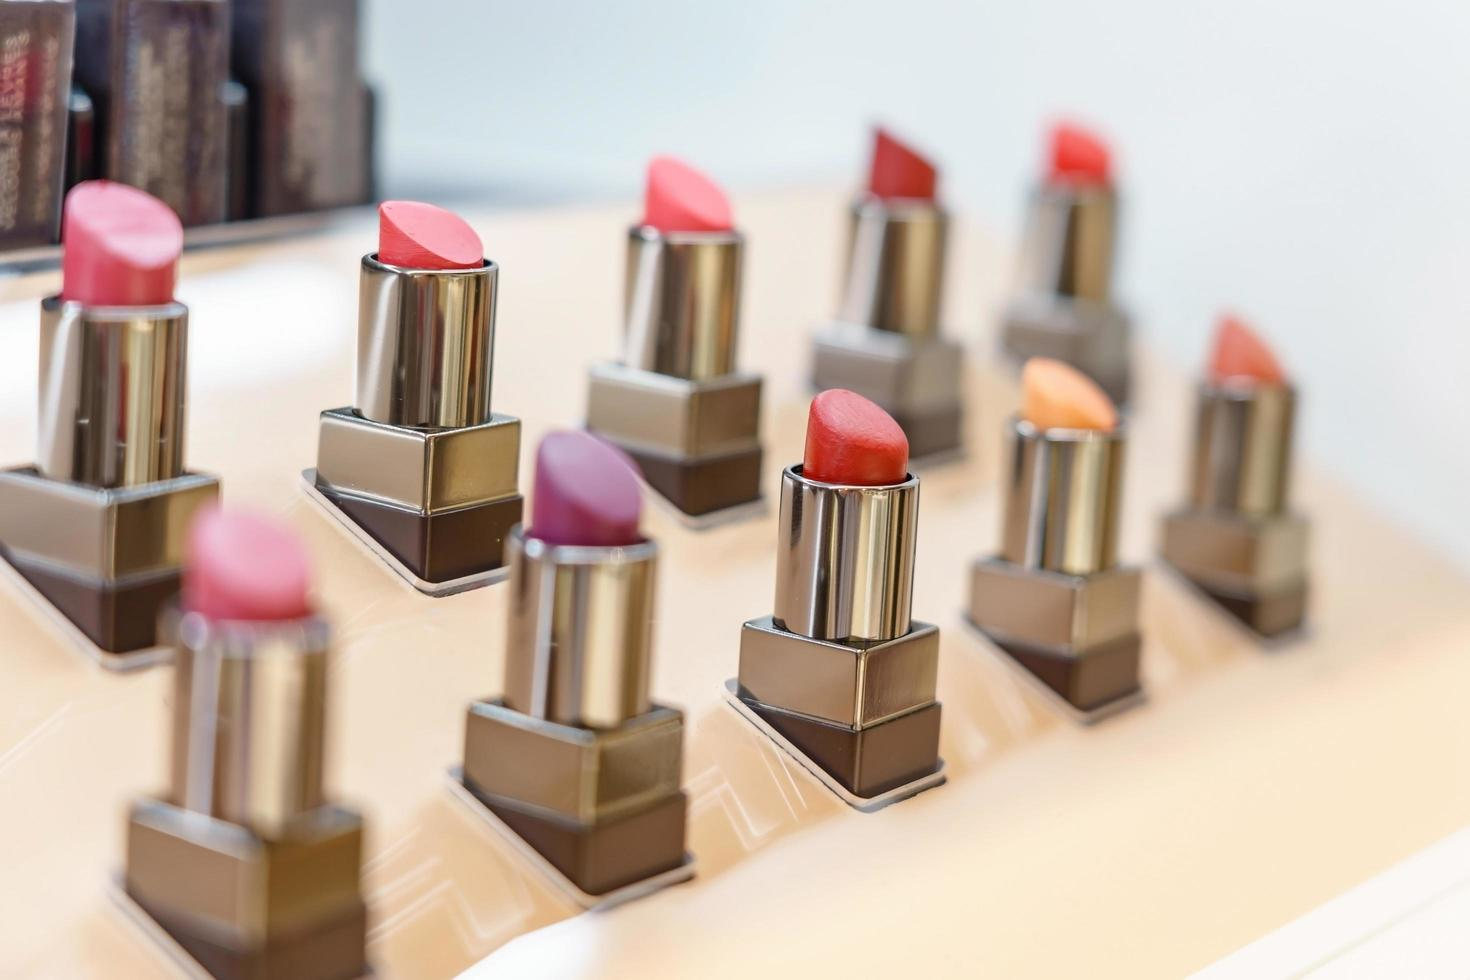 set di rossetti nel negozio foto